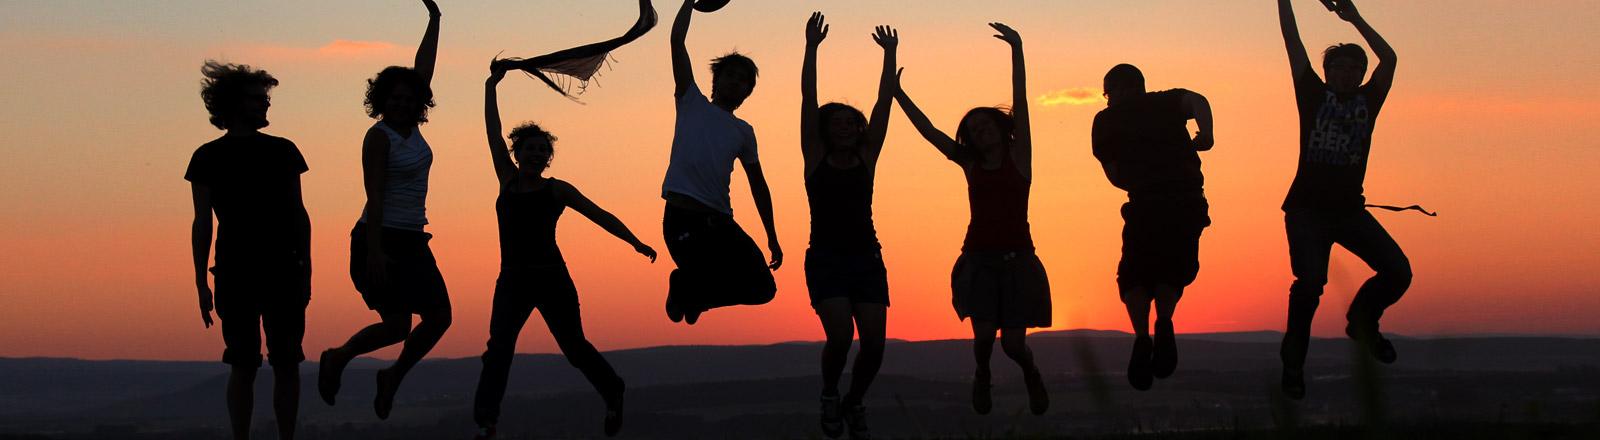 Tanzende Menschen vor einem Sonnenuntergang